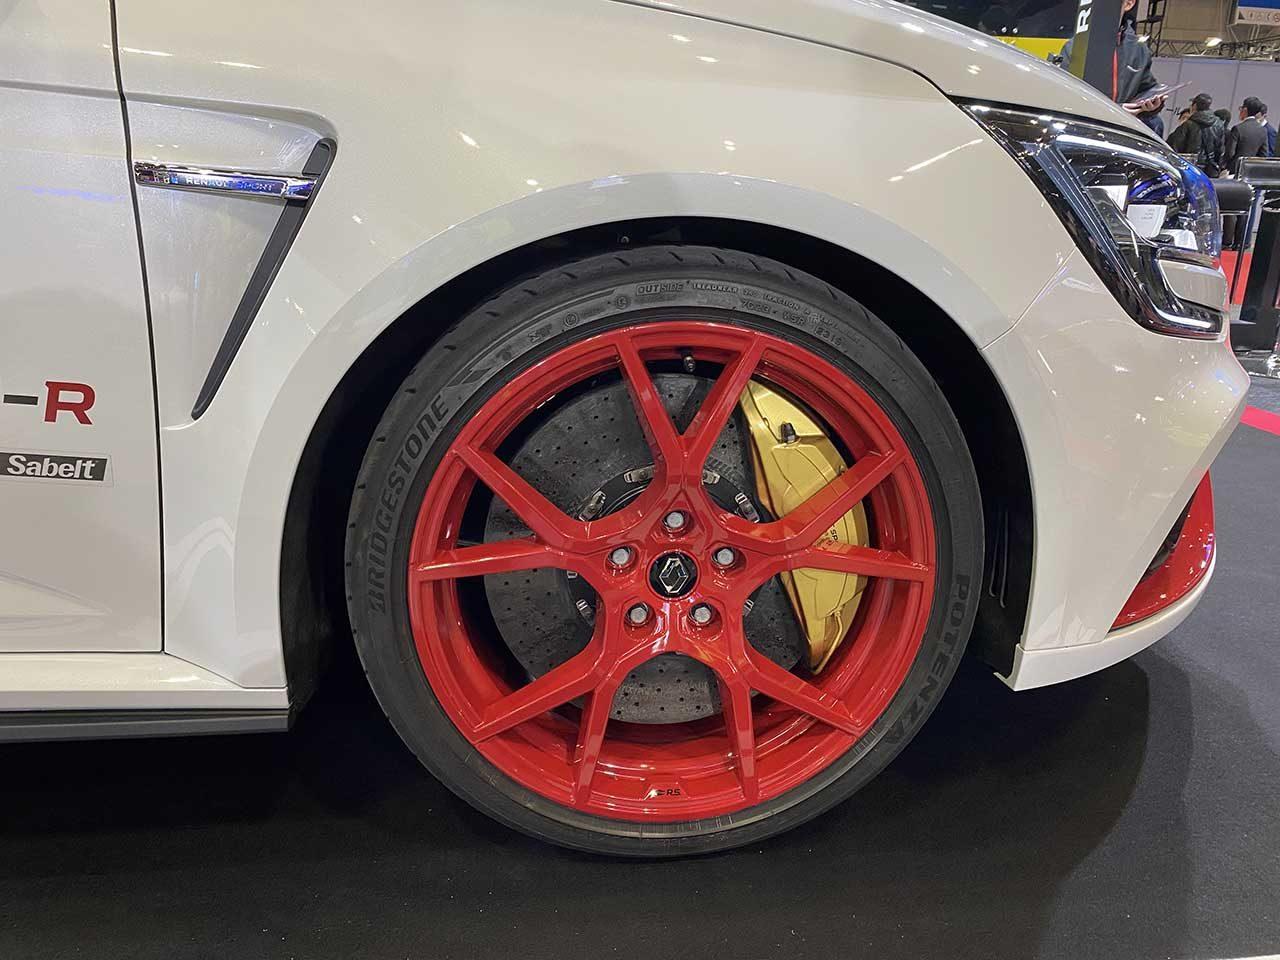 谷口信輝、ニュルFF最速車は「乗り手に挑戦してくる印象」ルノー、メガーヌR.S.トロフィーRを限定販売